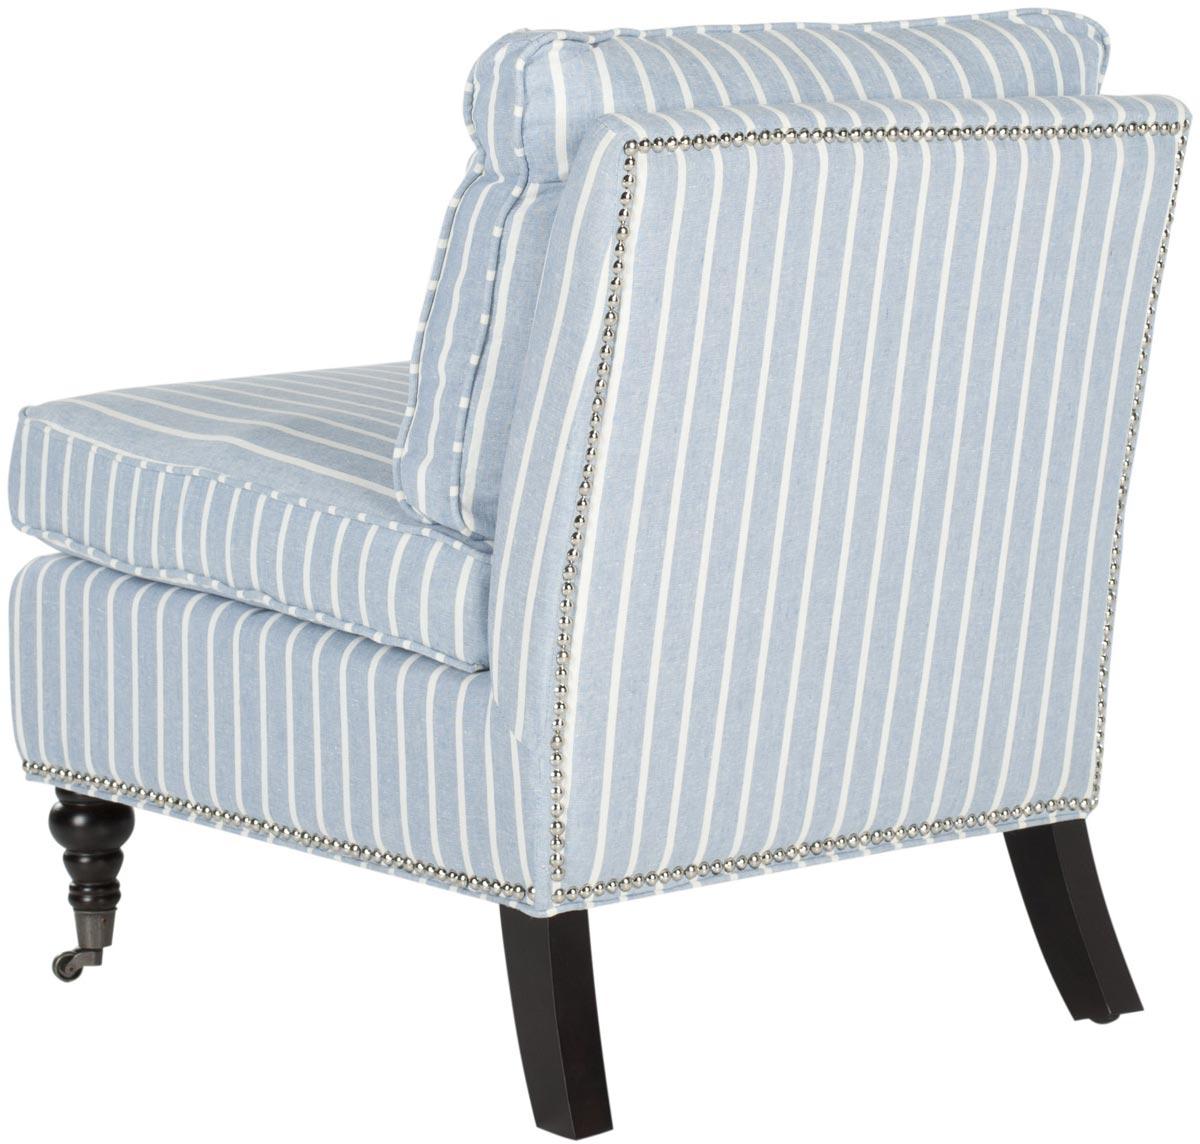 Safavieh Mcr4584g Randy Slipper Chair 981 00 Accent Chairs